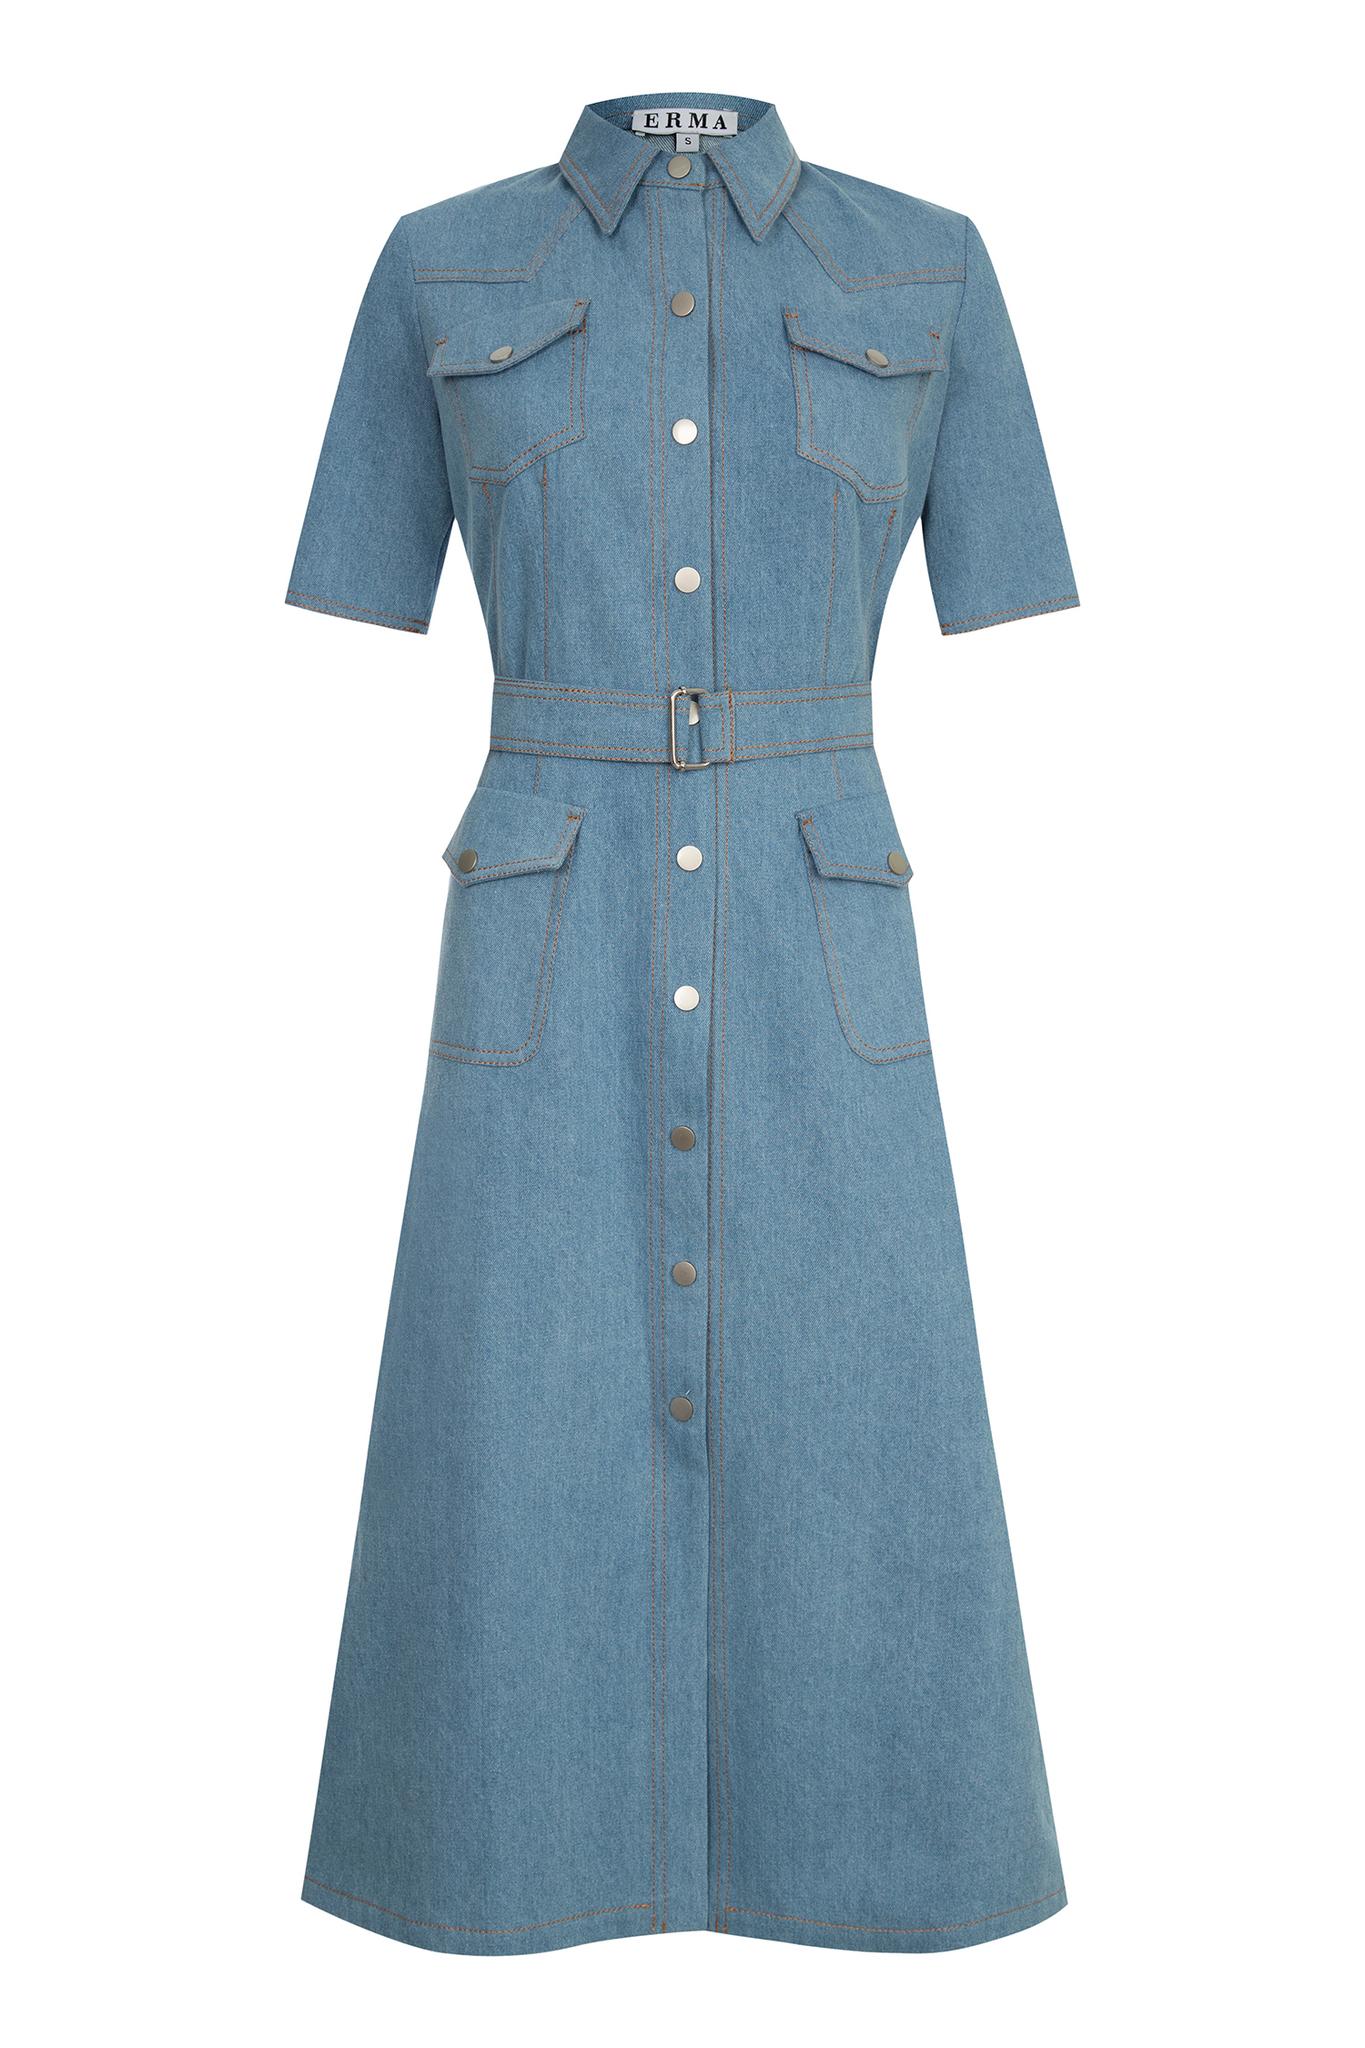 Джинсовое платье с коротким рукавом (SS0258)